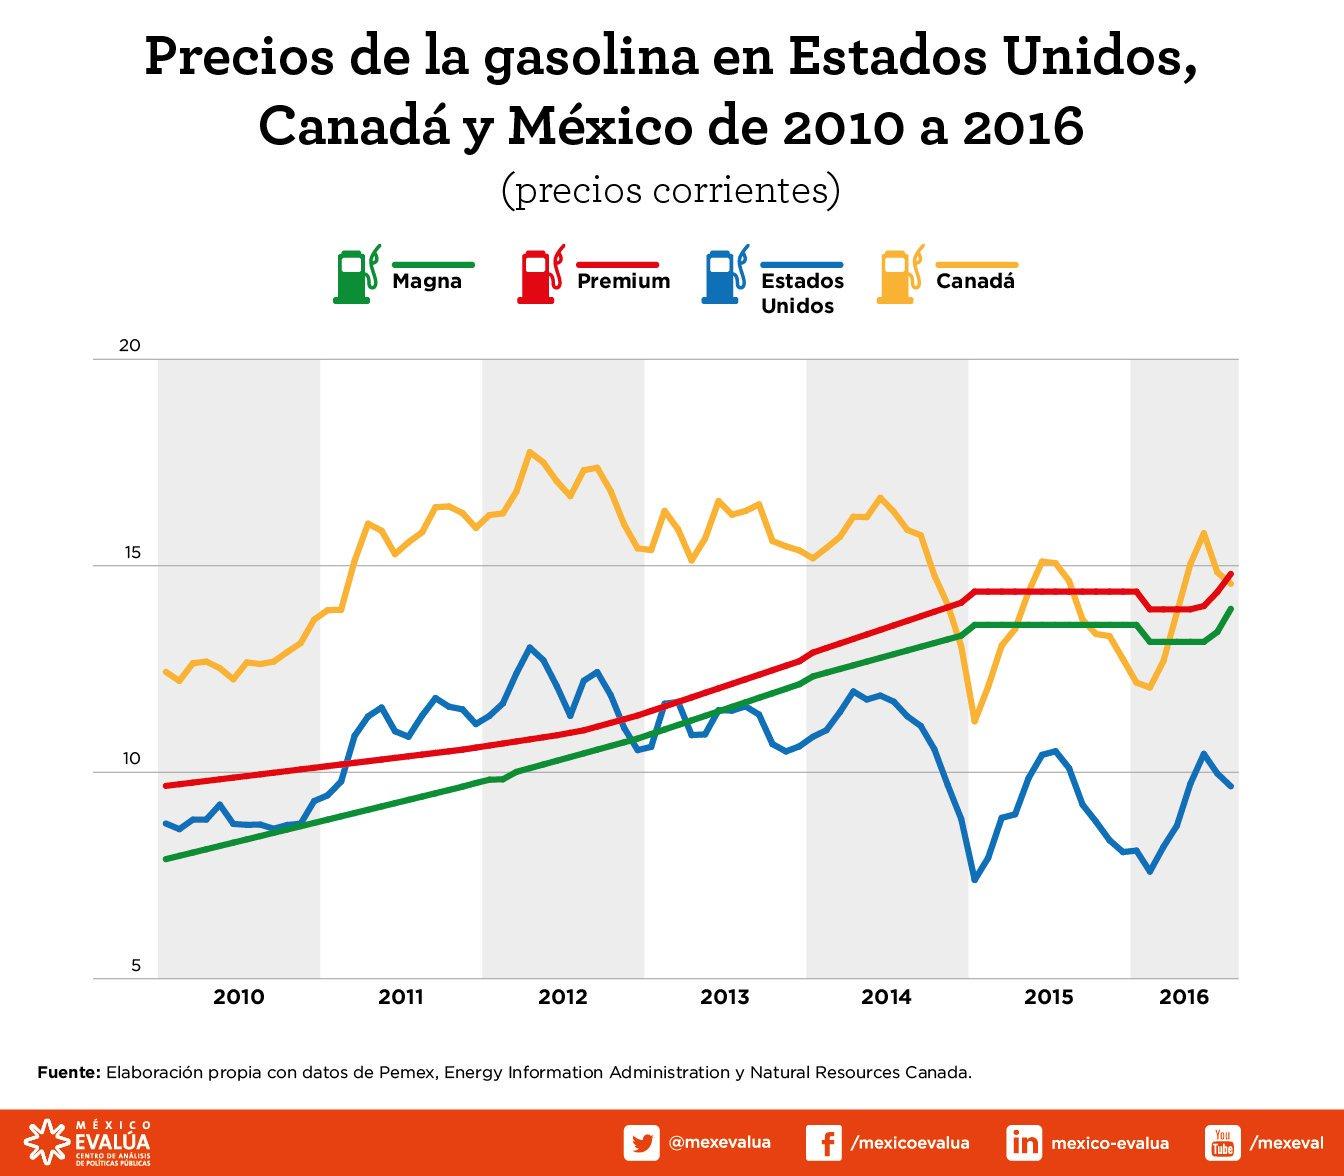 México Evalúa: Hacienda debe ser transparente en el método de cálculo del precio de la gasolina